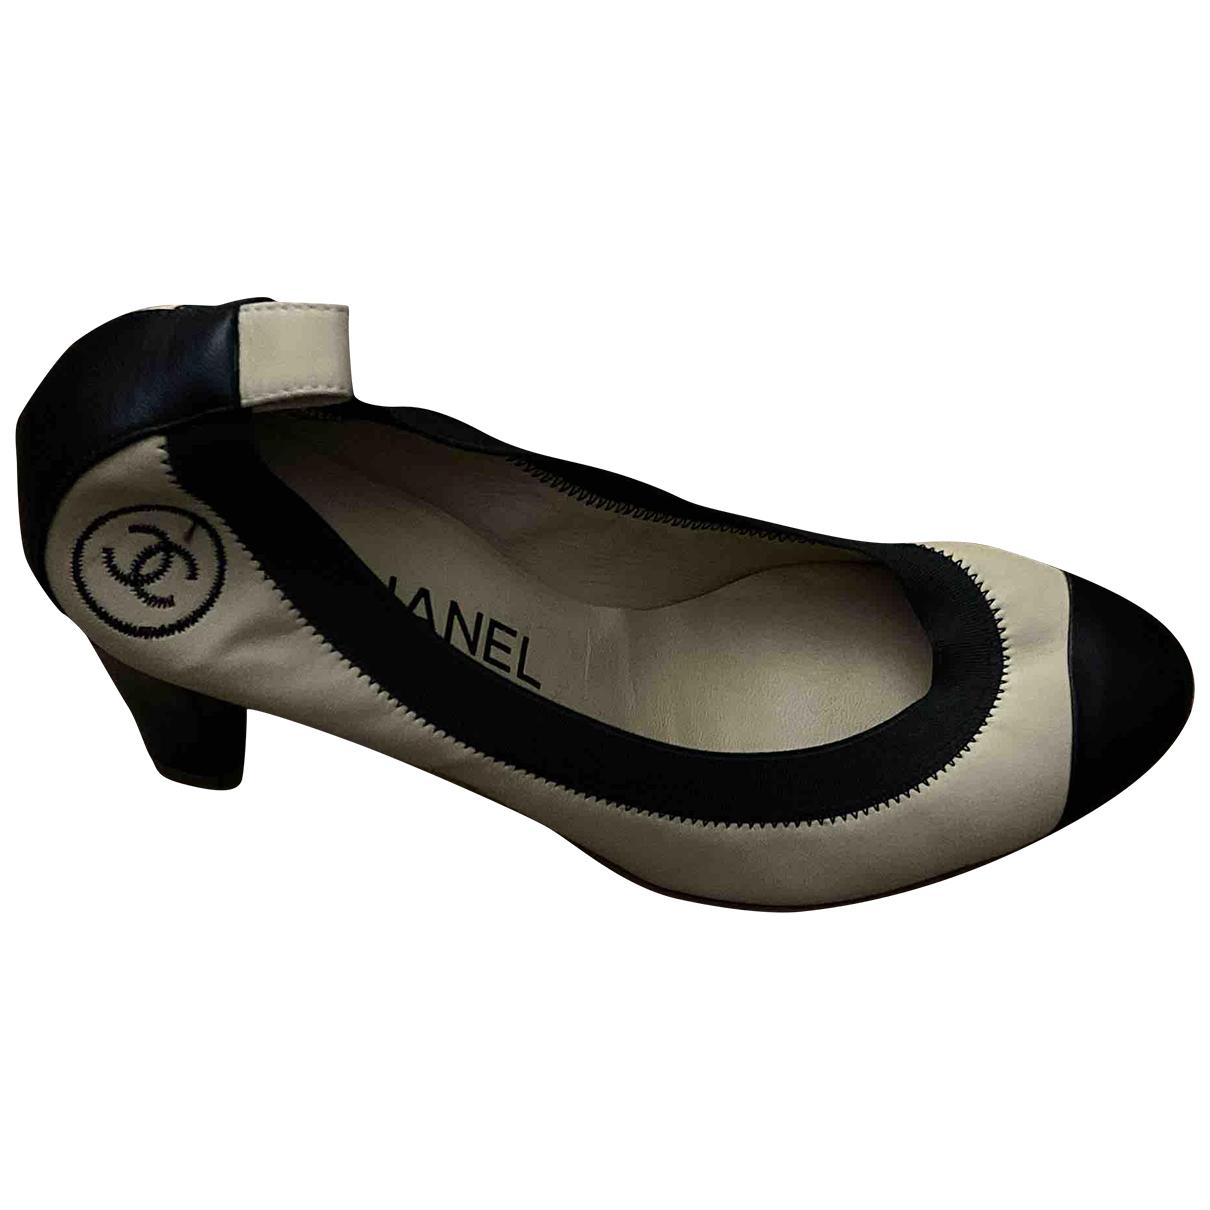 Tacones de Cuero Chanel